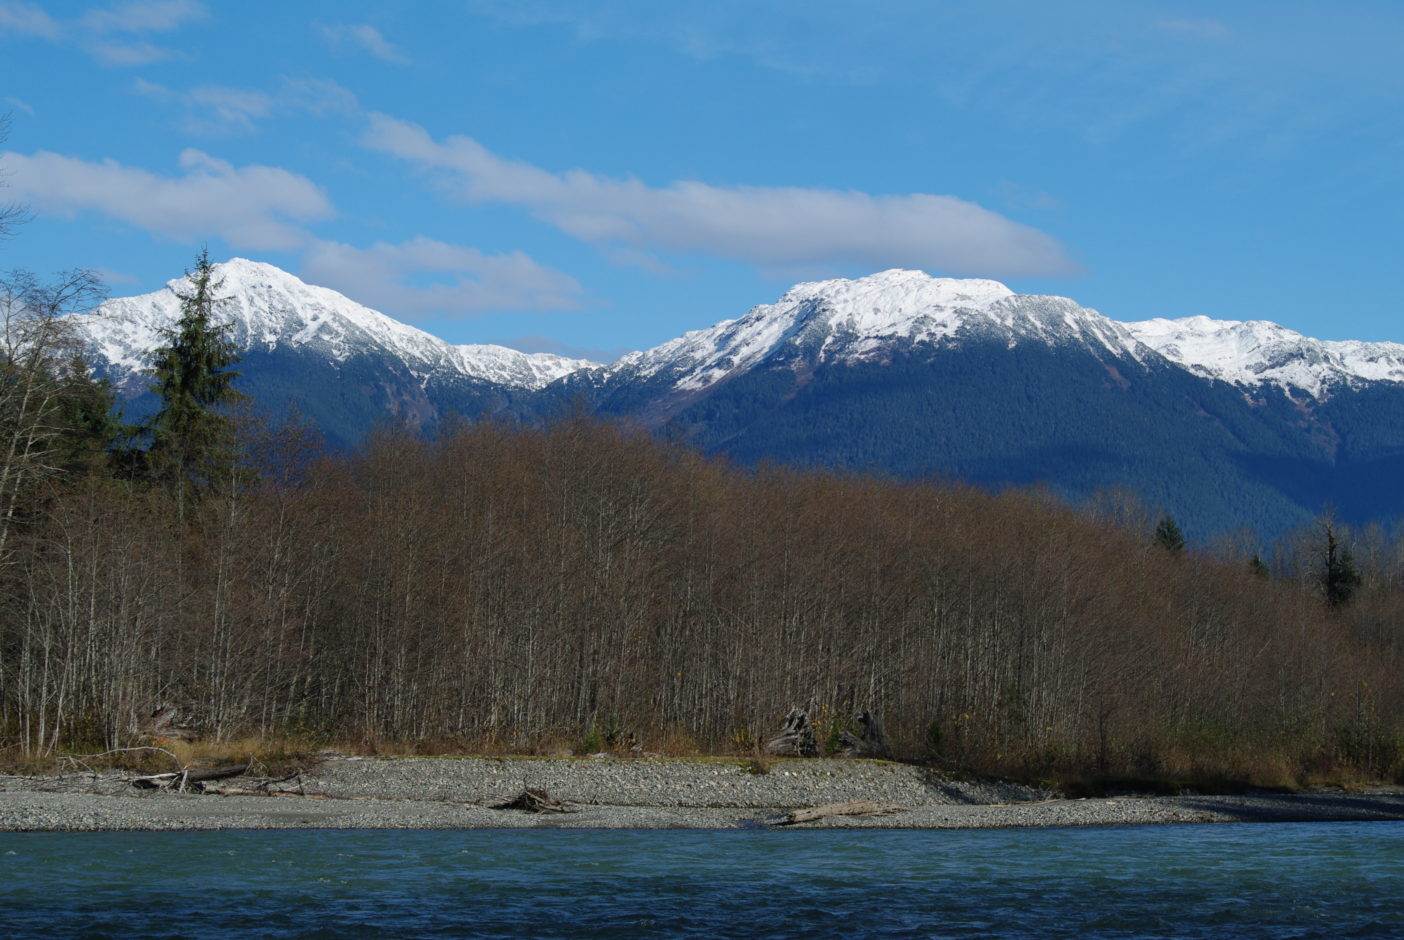 ウイルダネスが残る川岸と冠雪したばかりの山々。写真:足立信正